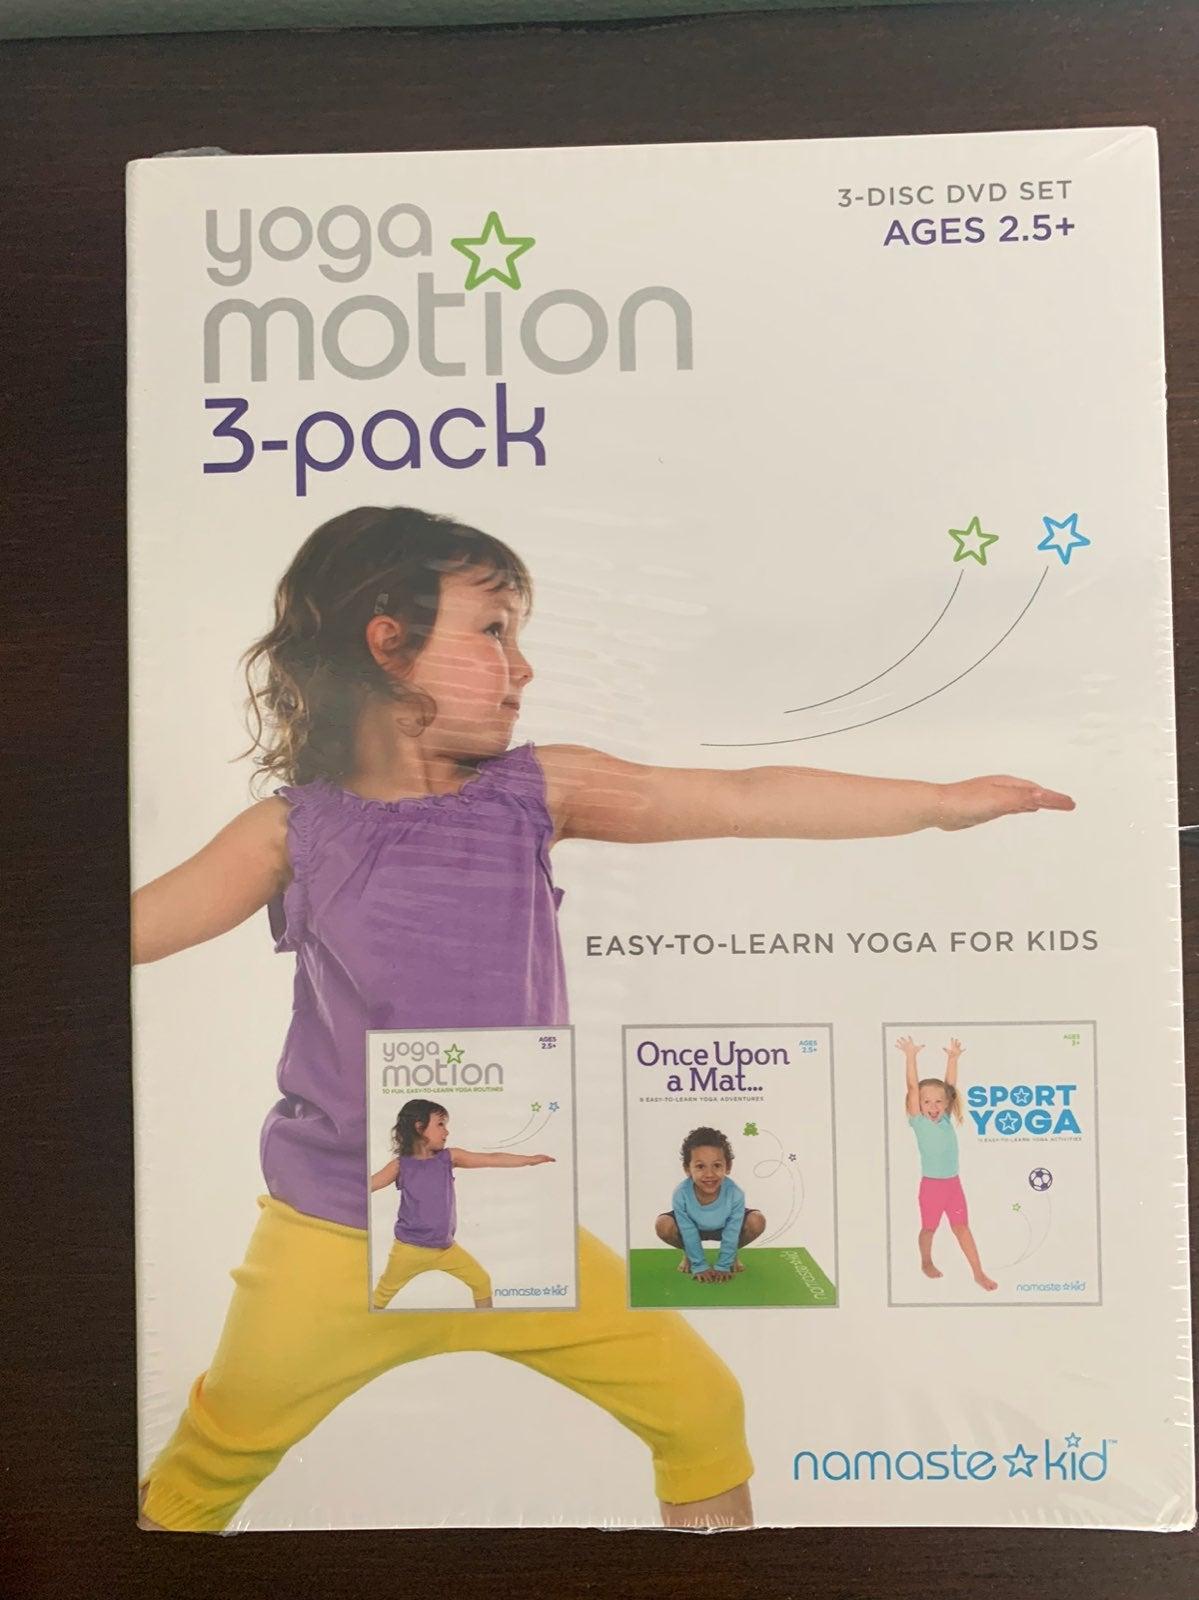 Yoga Motion 3-Pack DVD